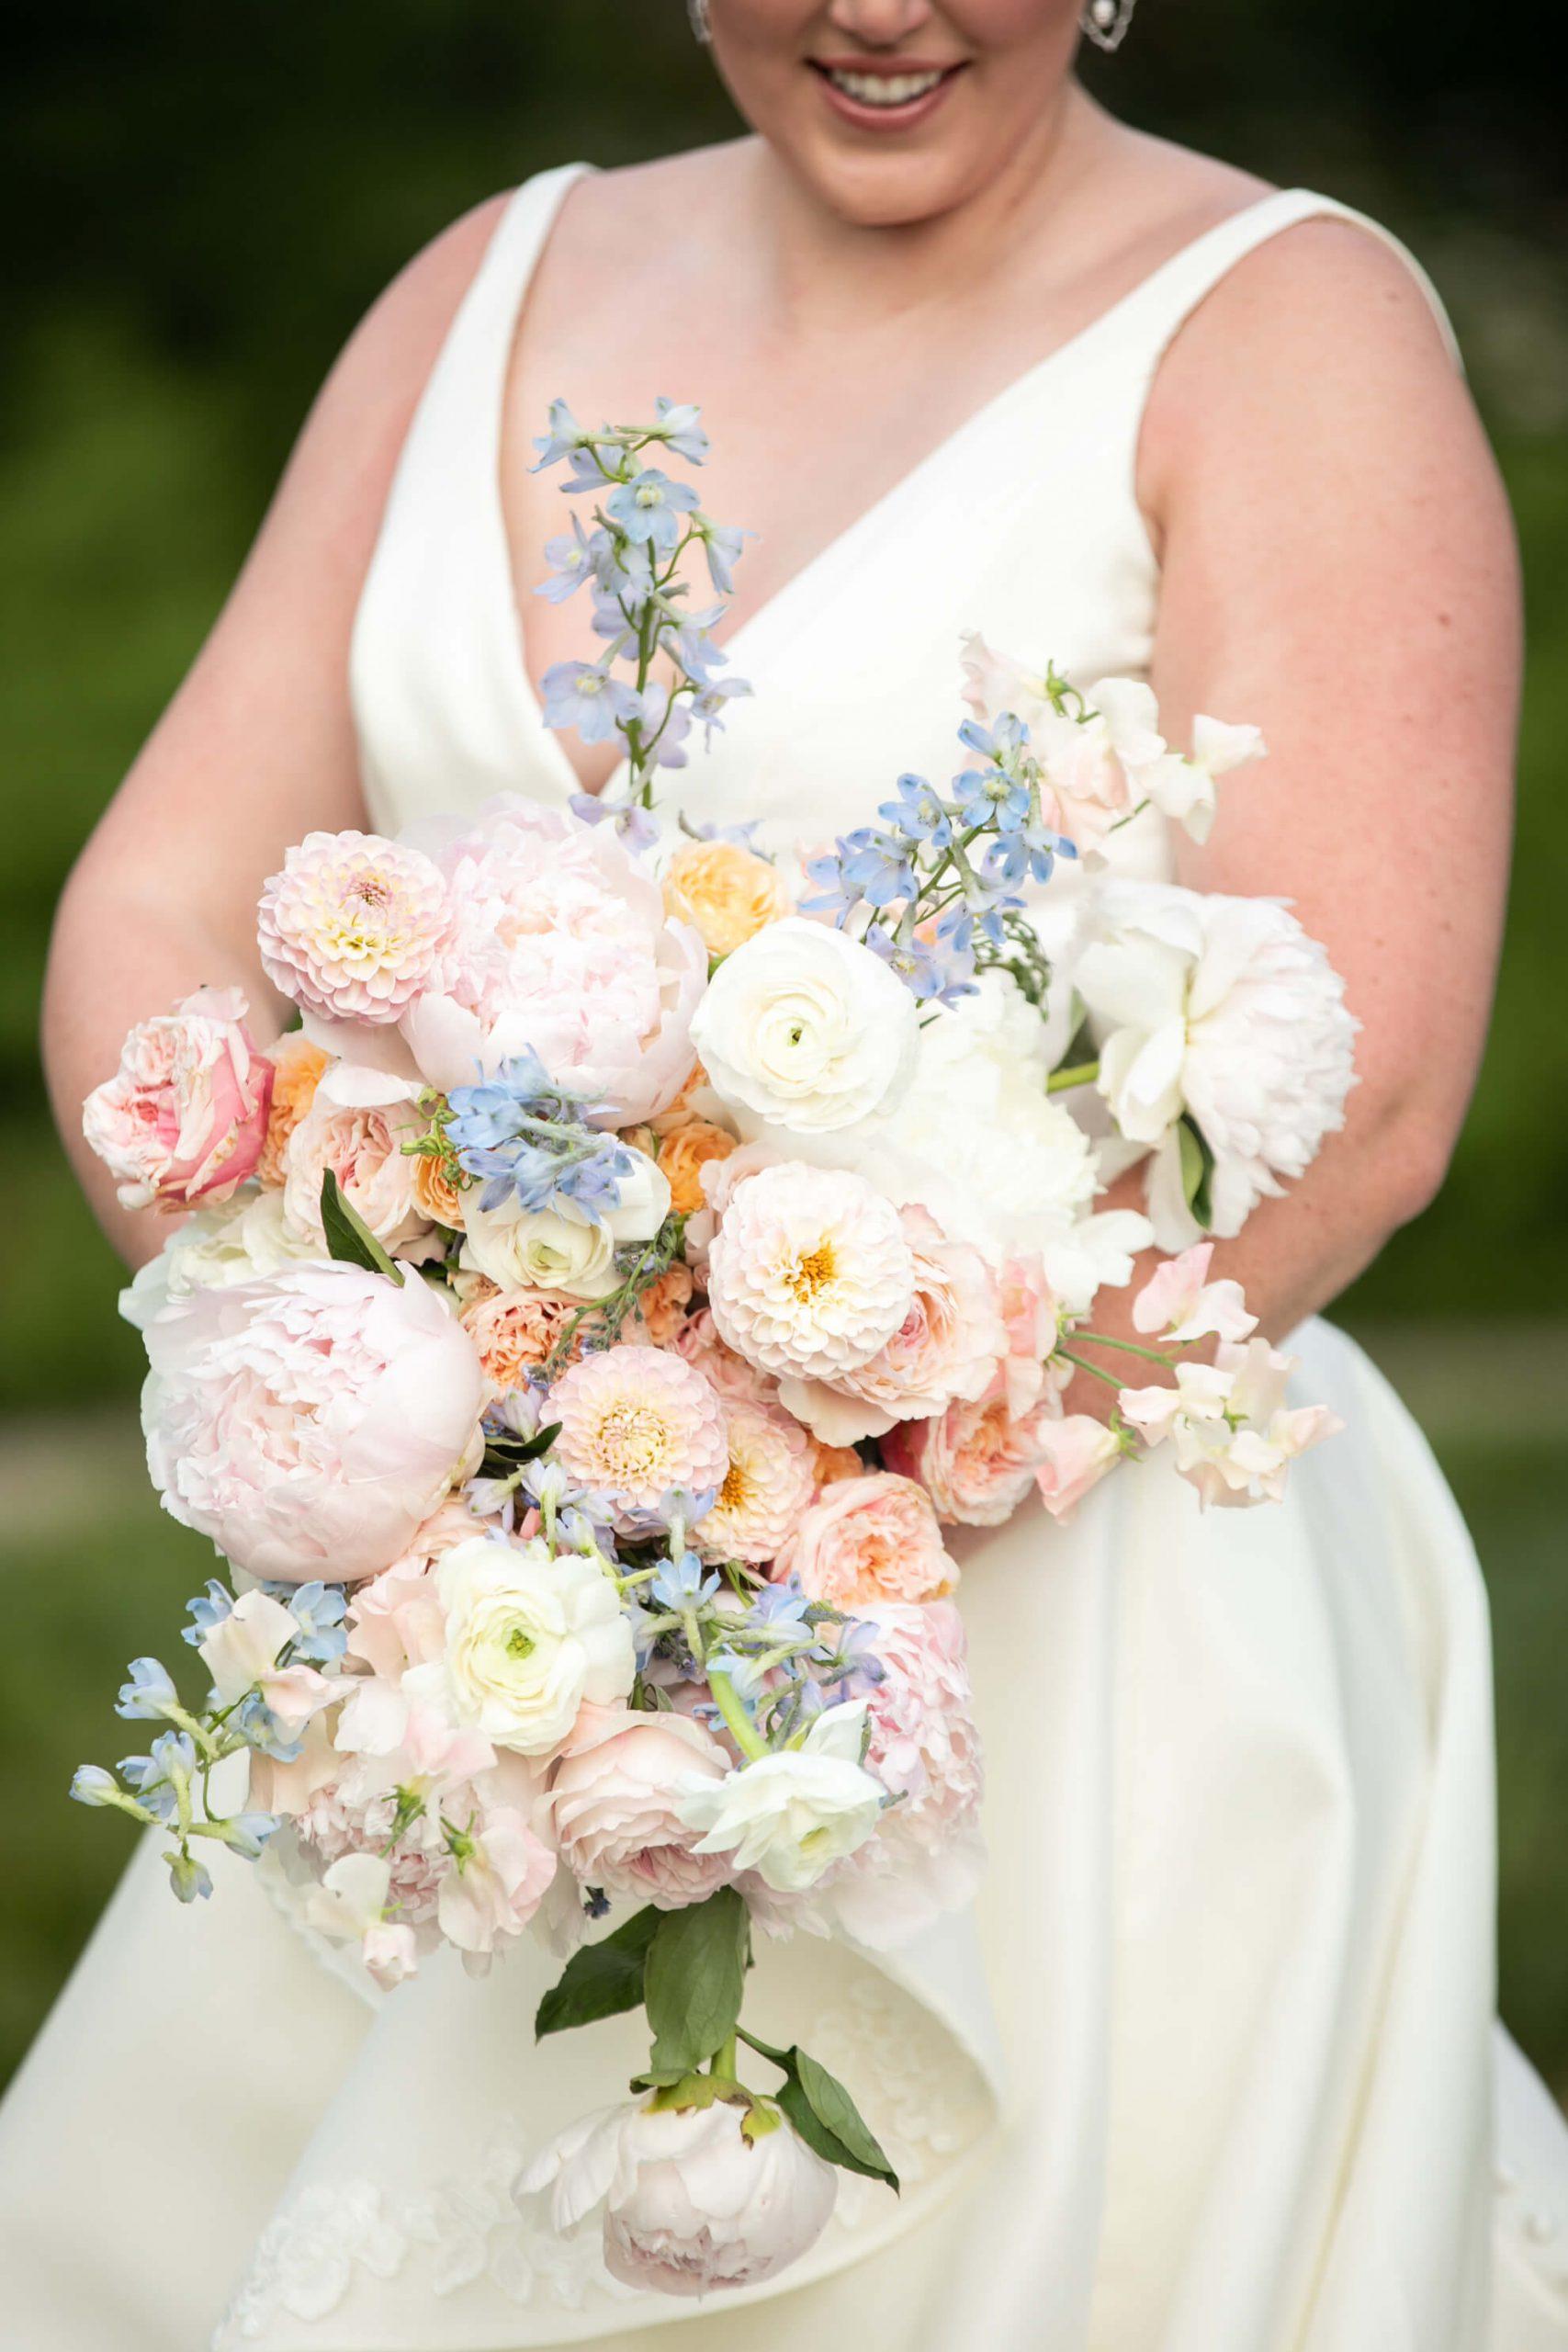 Carole Anne's bouquet